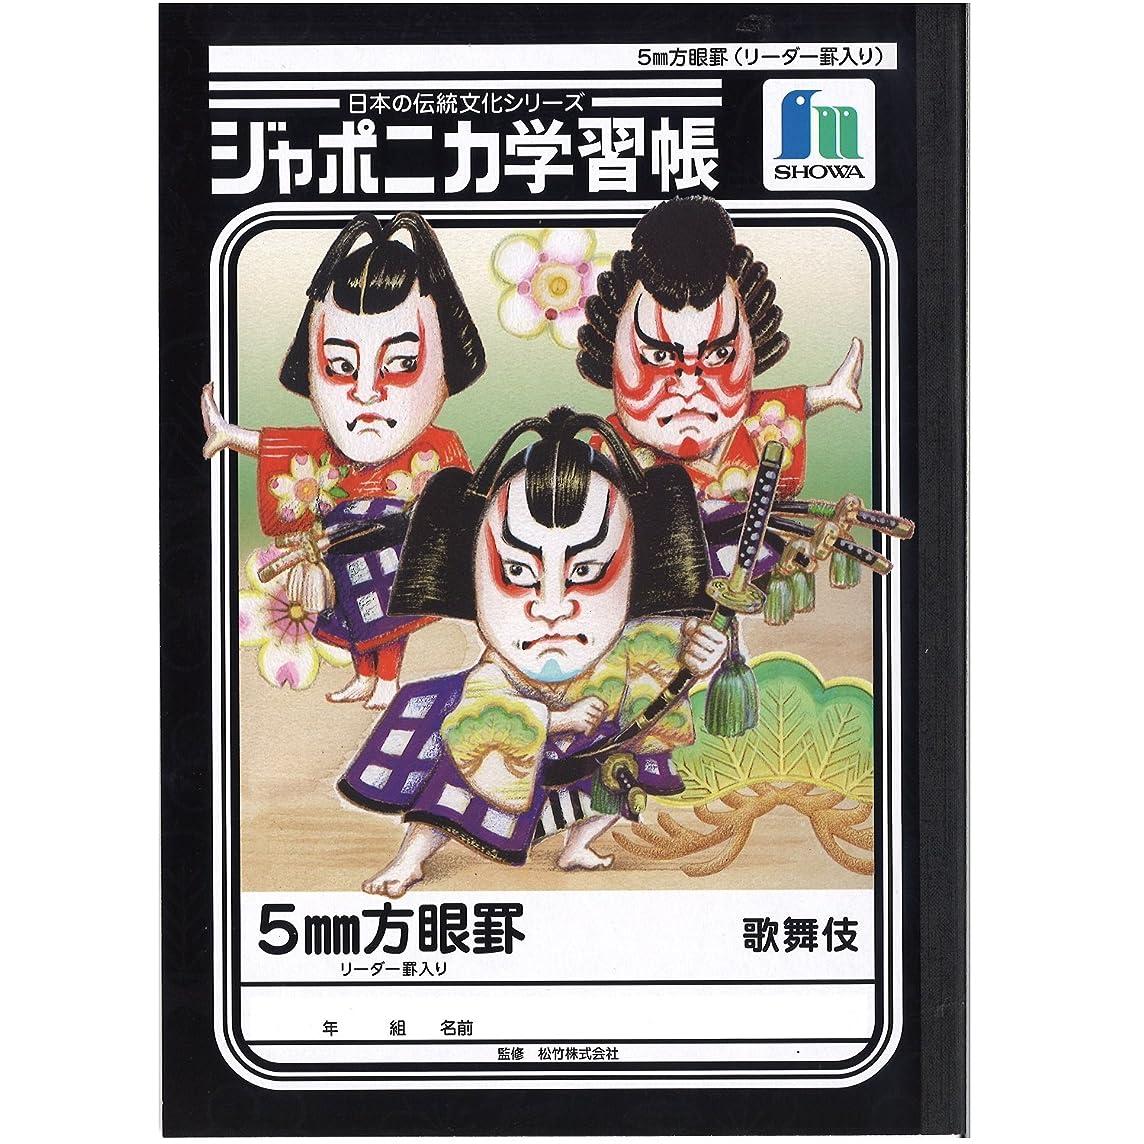 保安成熟オアシスショウワノート ジャポニカ学習帳 日本の伝統文化 歌舞伎 5ミリ方眼 10冊 081529001